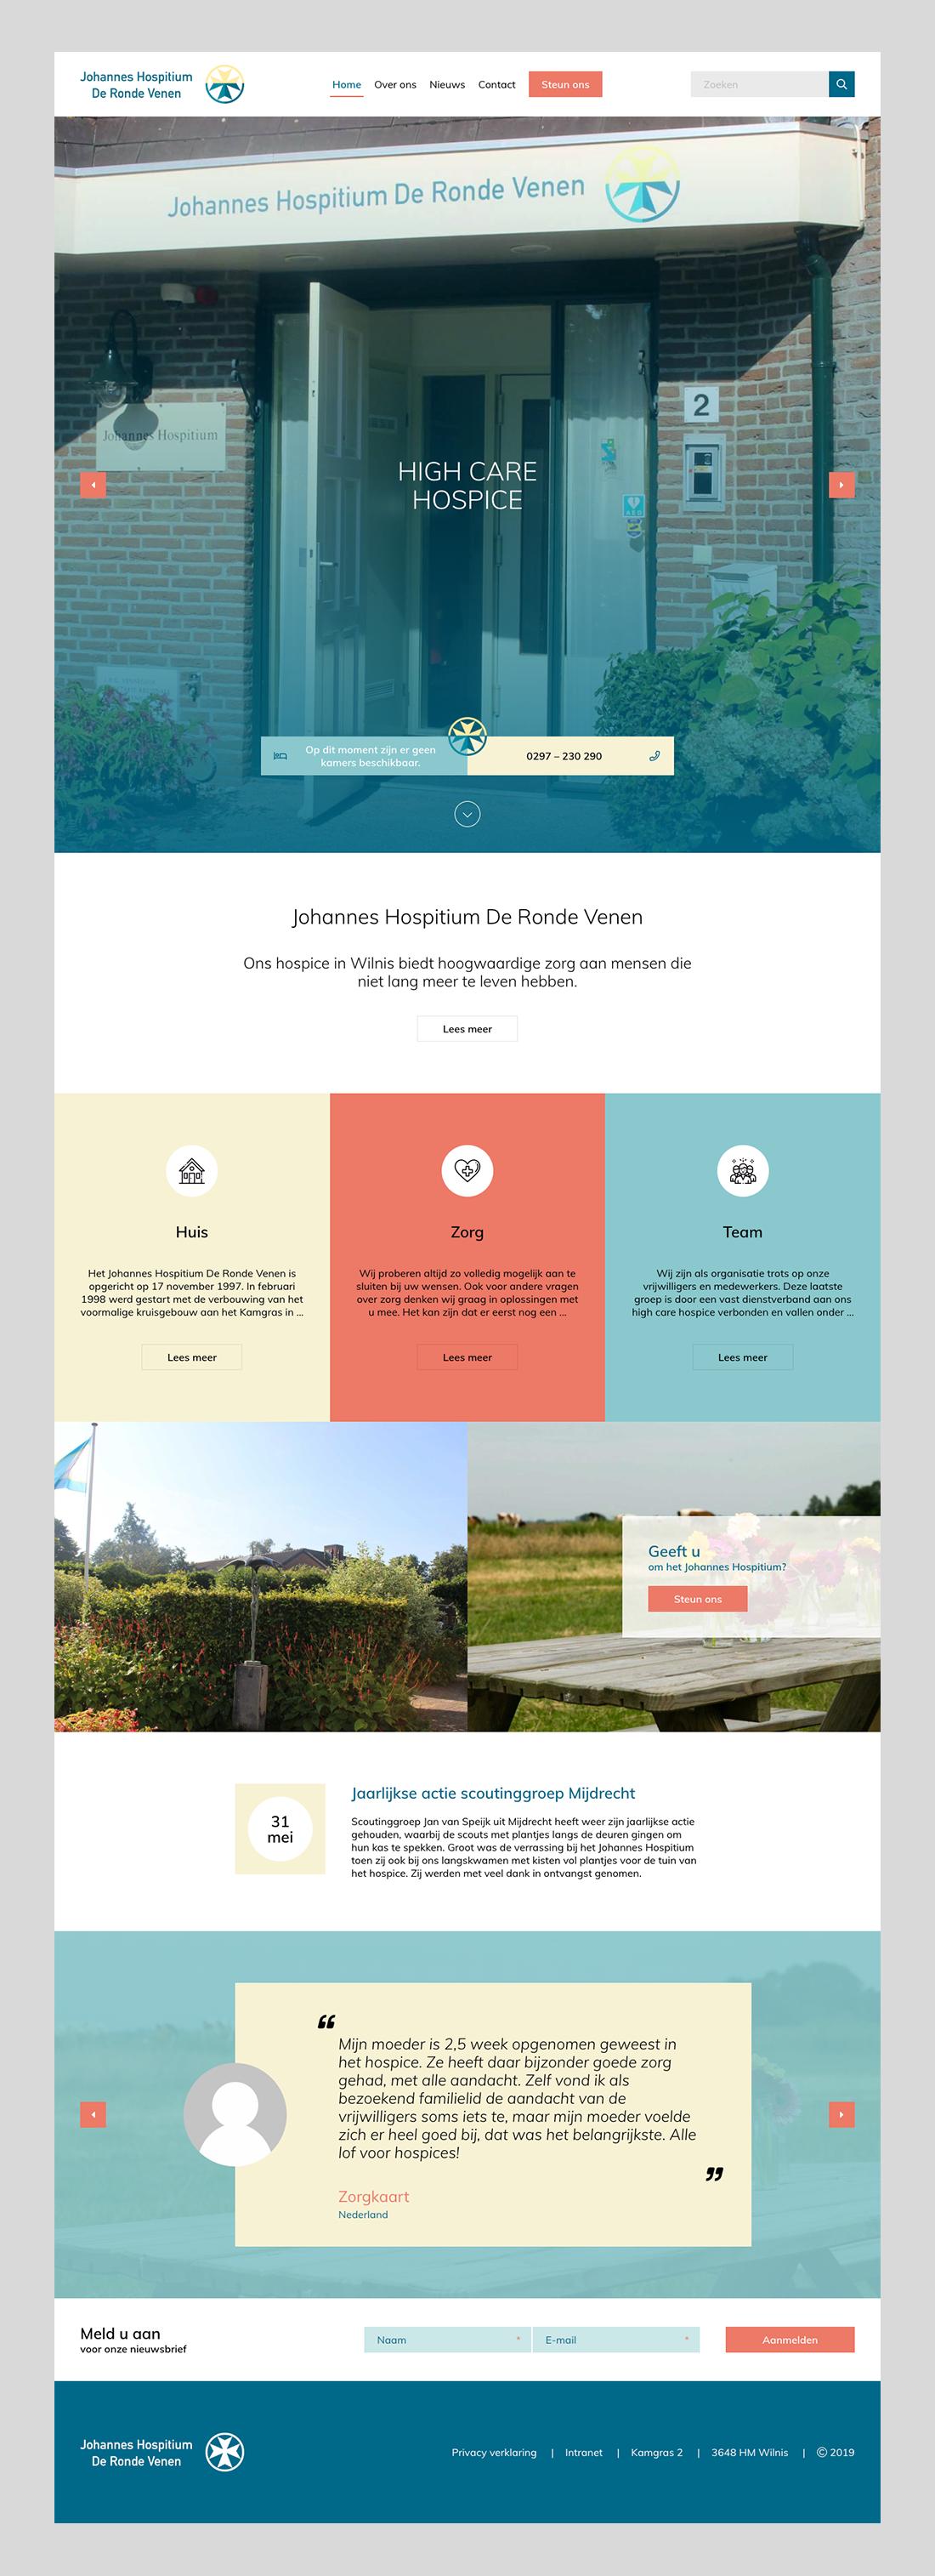 Uitgeklapt webontwerp voor Johannes Hospitium van de vernieuwde website